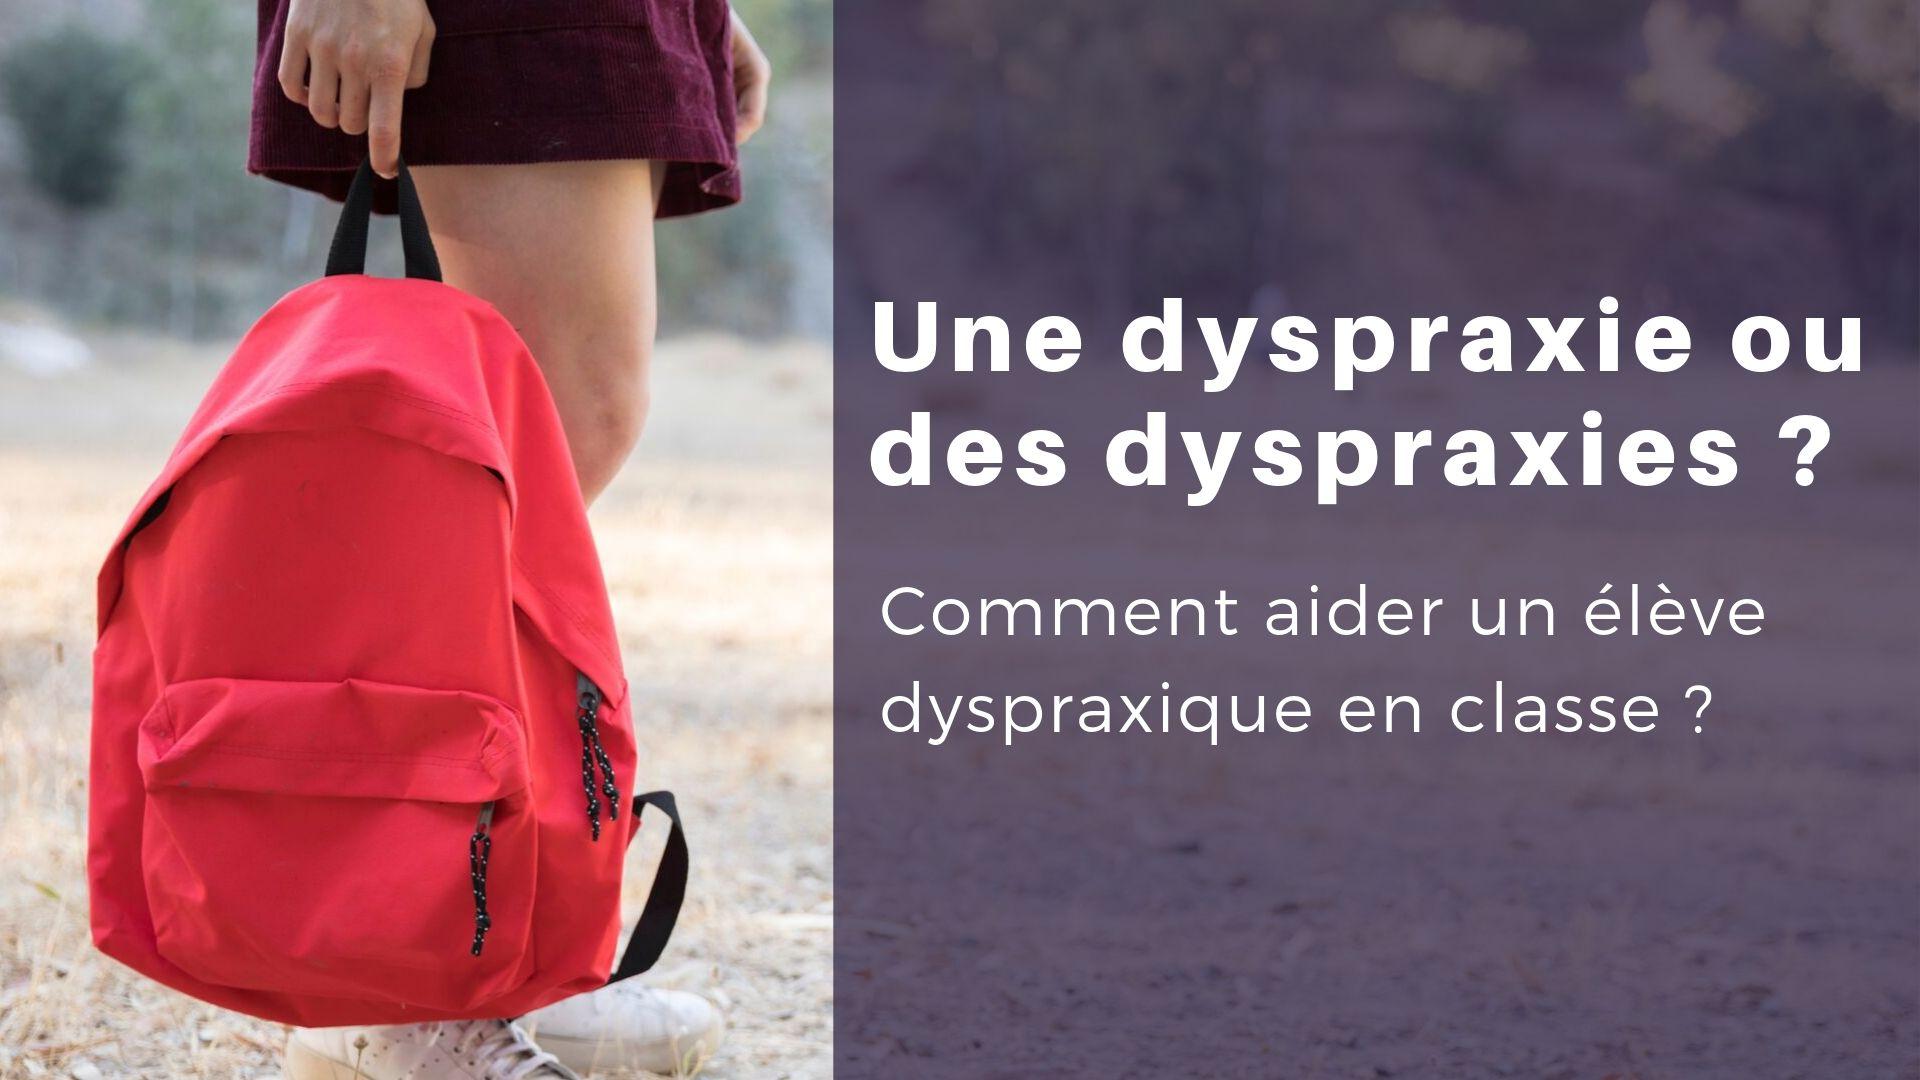 Comment aider un élève dyspraxique en classe _